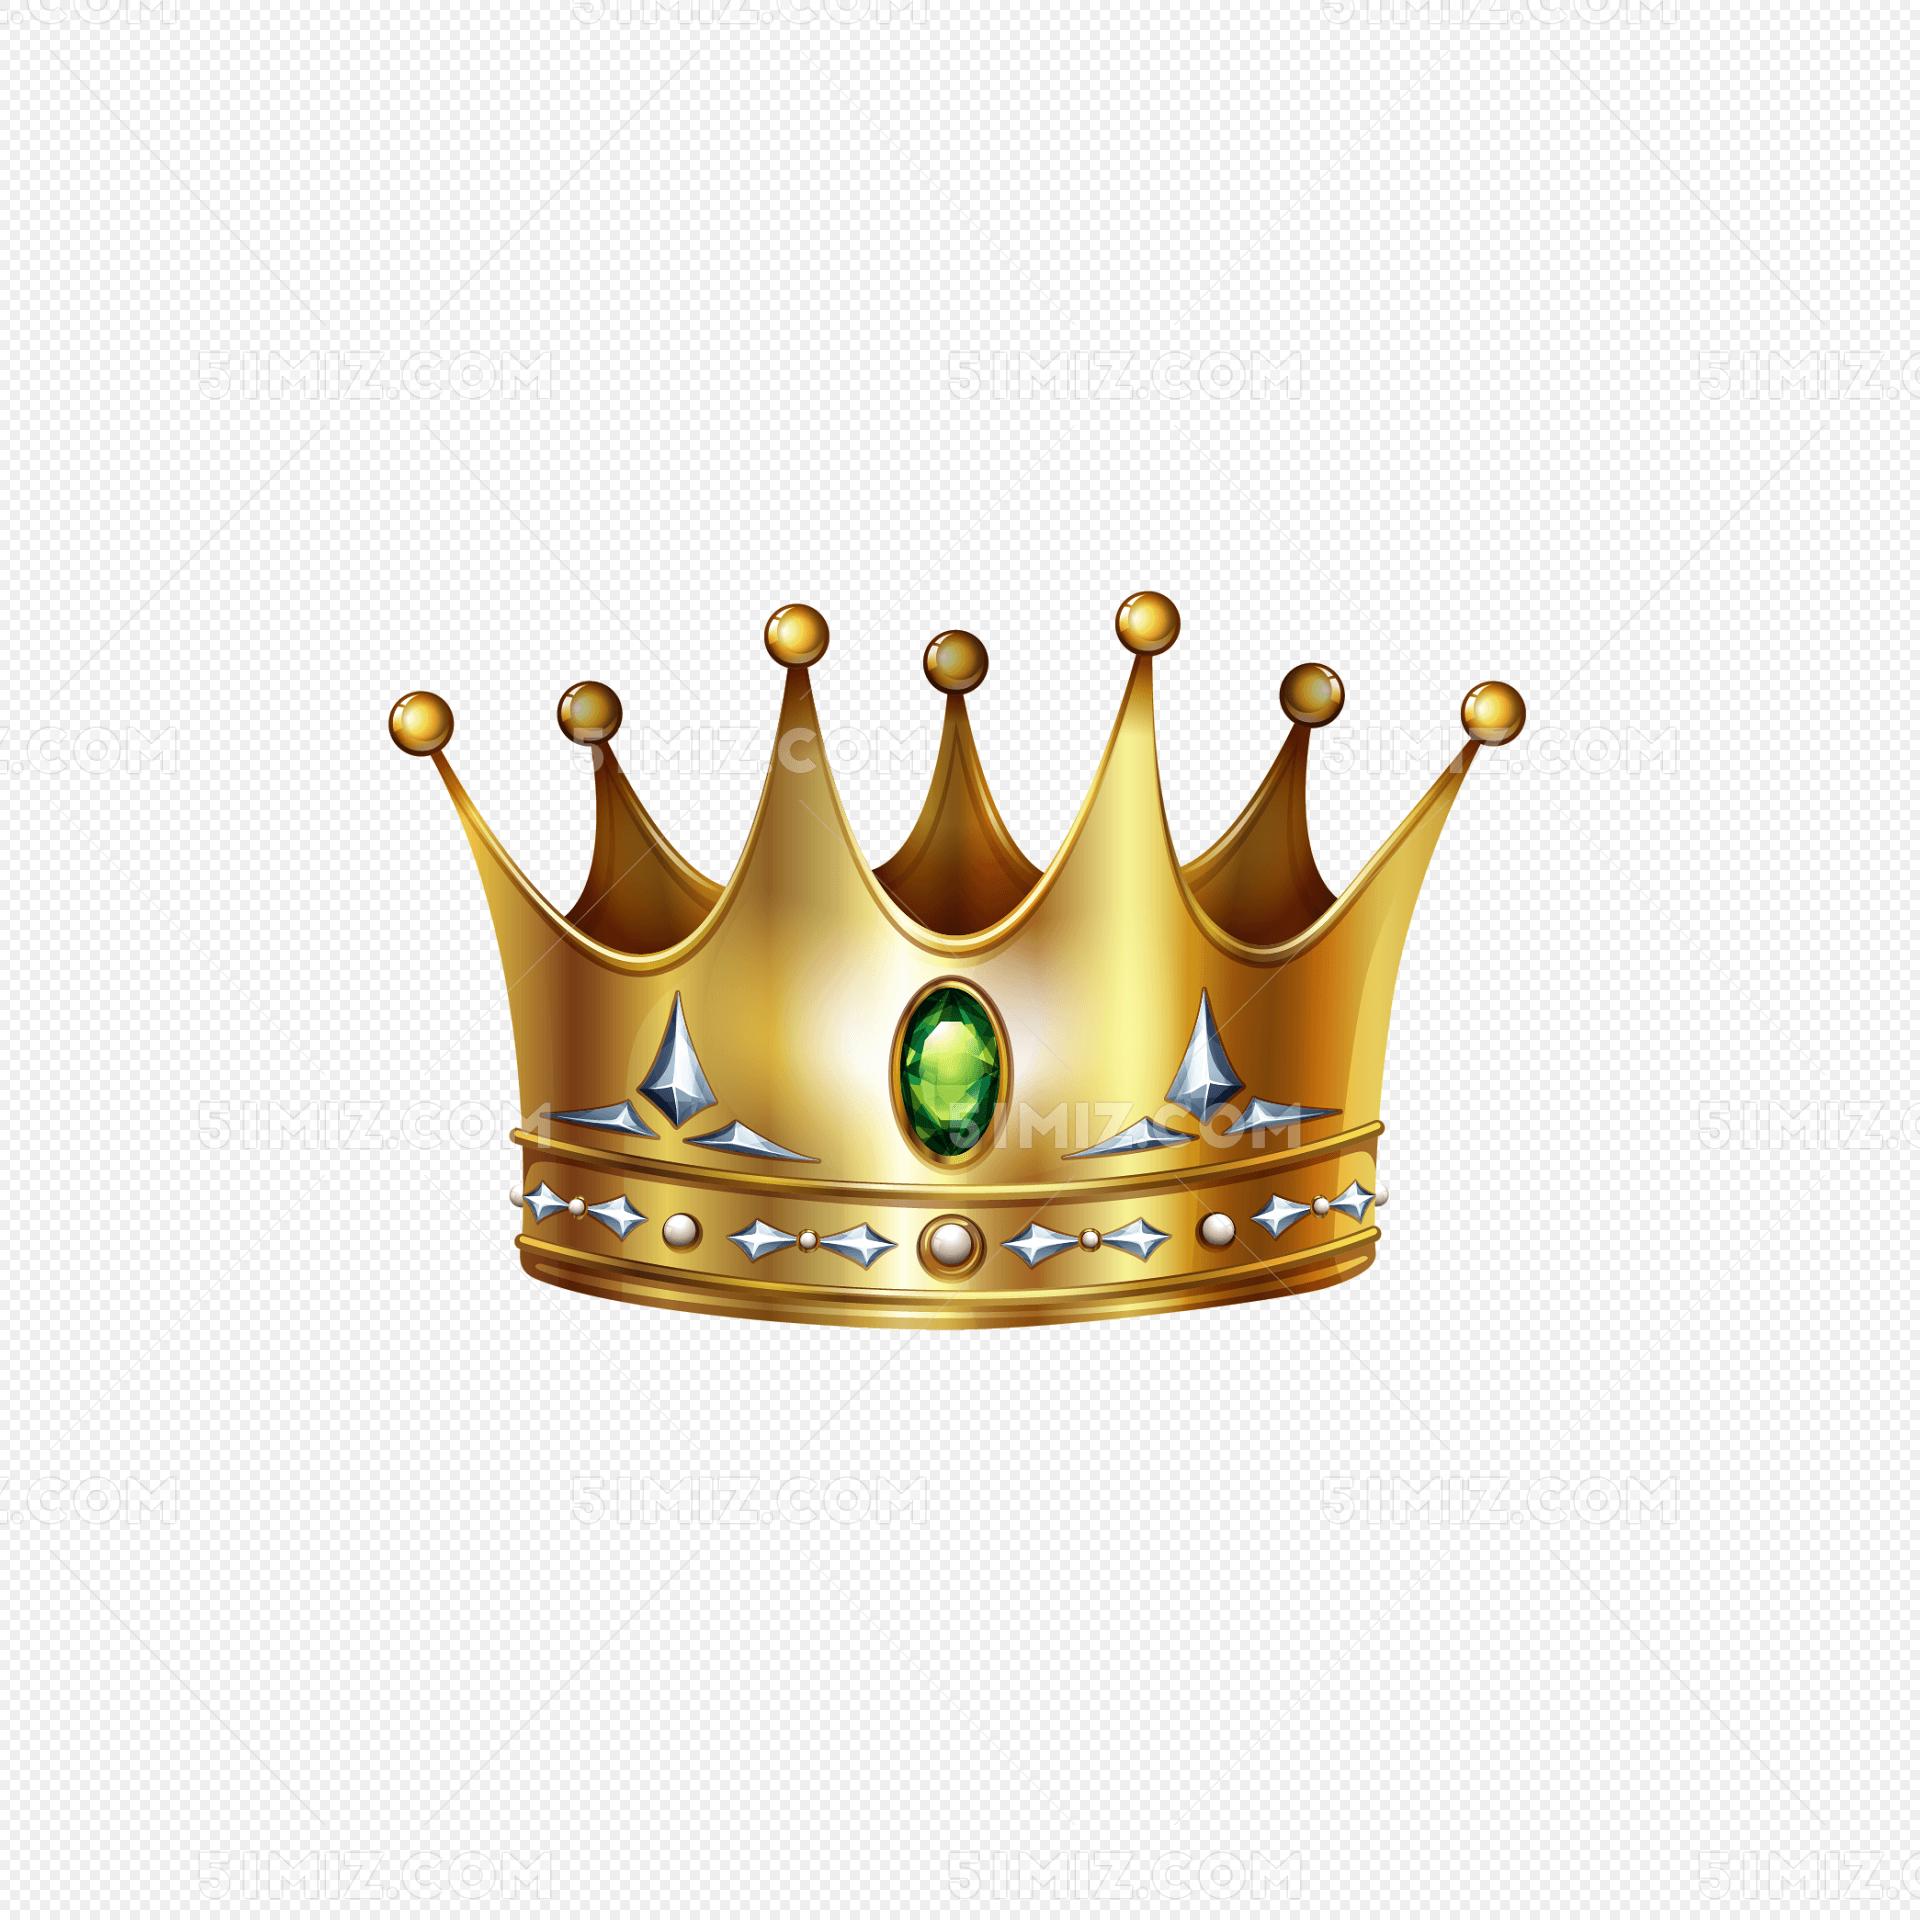 国王王冠设计矢量图片